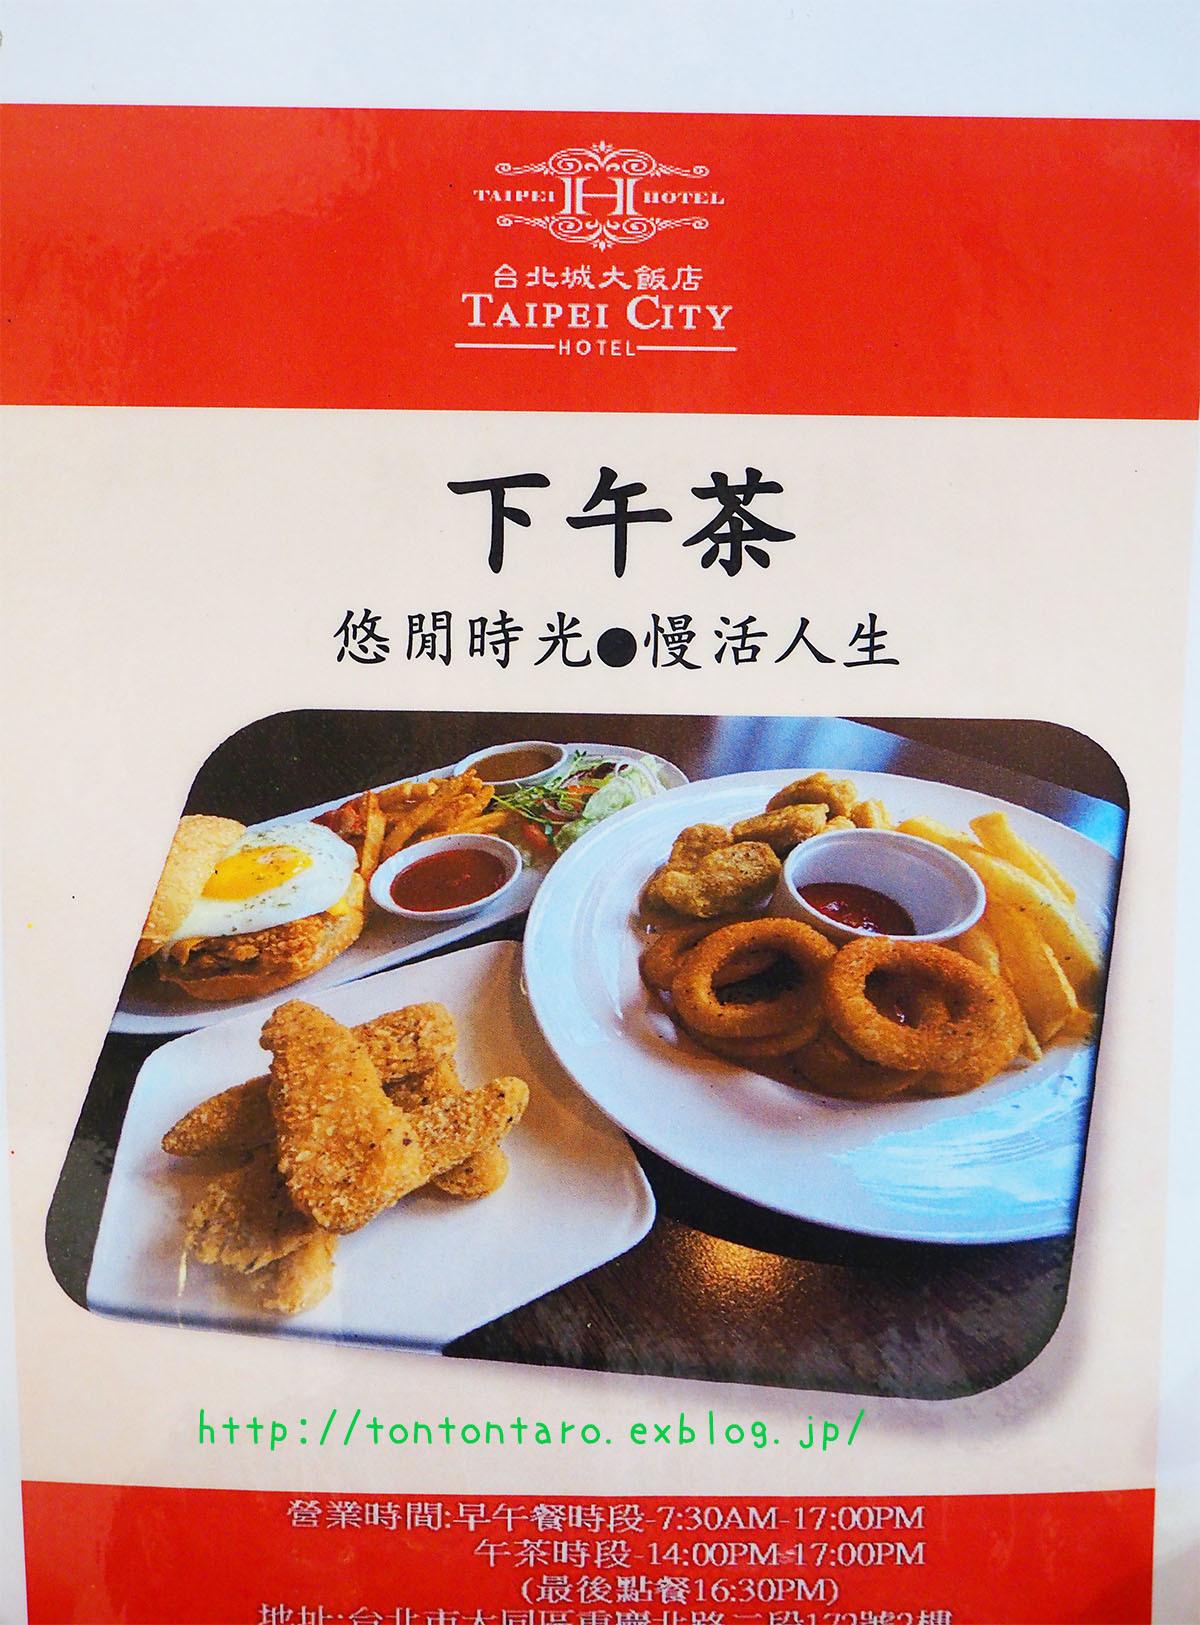 生まれ変わった台北城大飯店2樓、「大稻埕風味餐廳」のお値打ち感は異常(再び)_a0112888_05122662.jpg